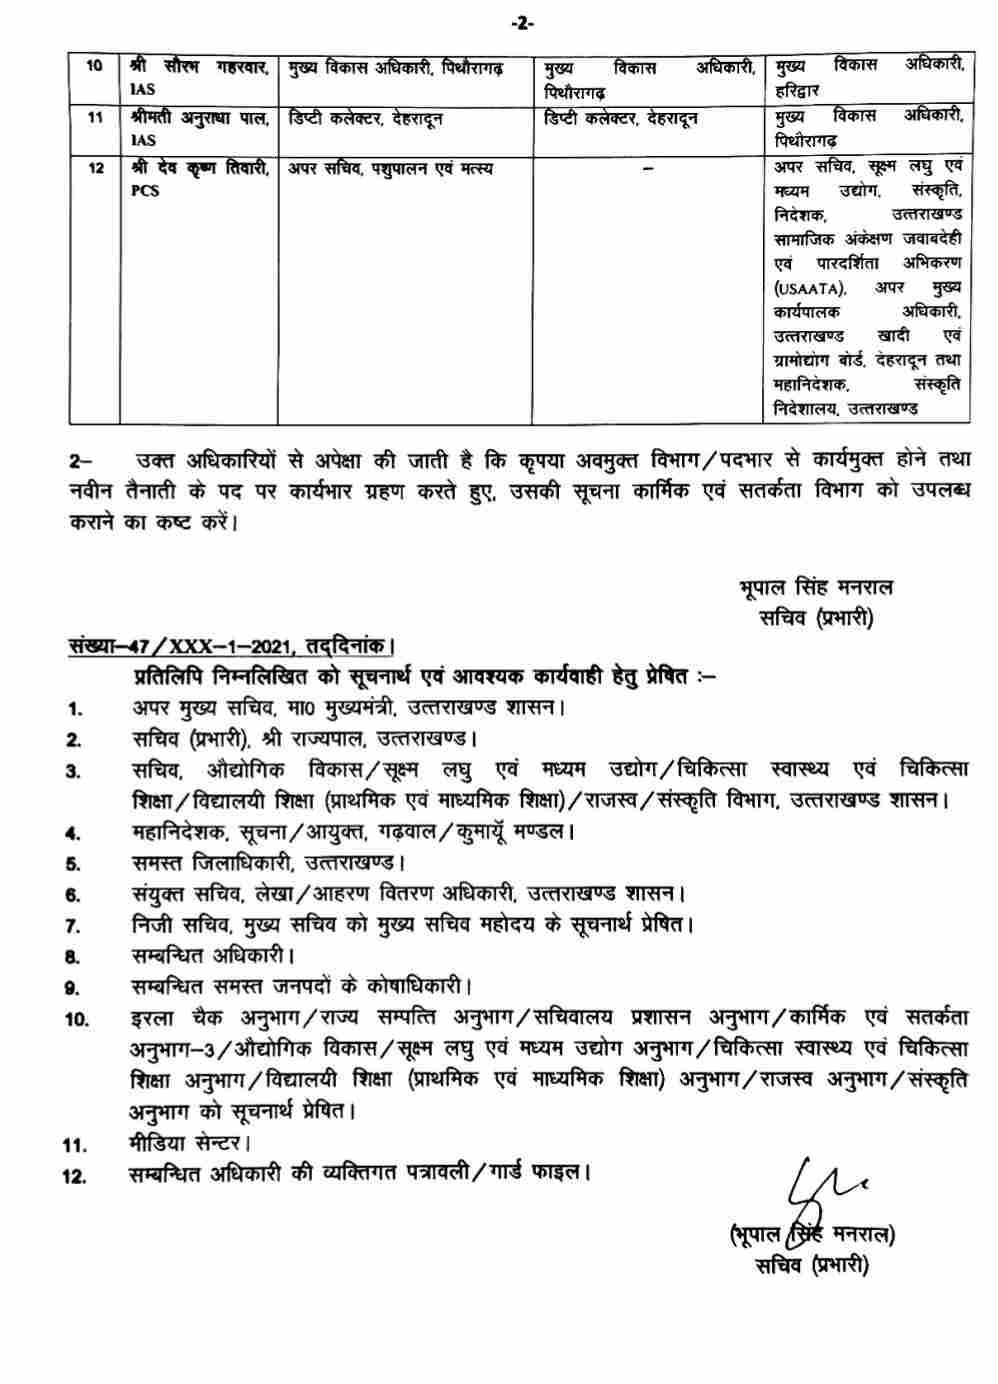 प्रदेश में IAS व PCS अधिकारियों में बम्पर फेरबदल, जिलाधिकारियों में भी बंपर फेरबदल 3